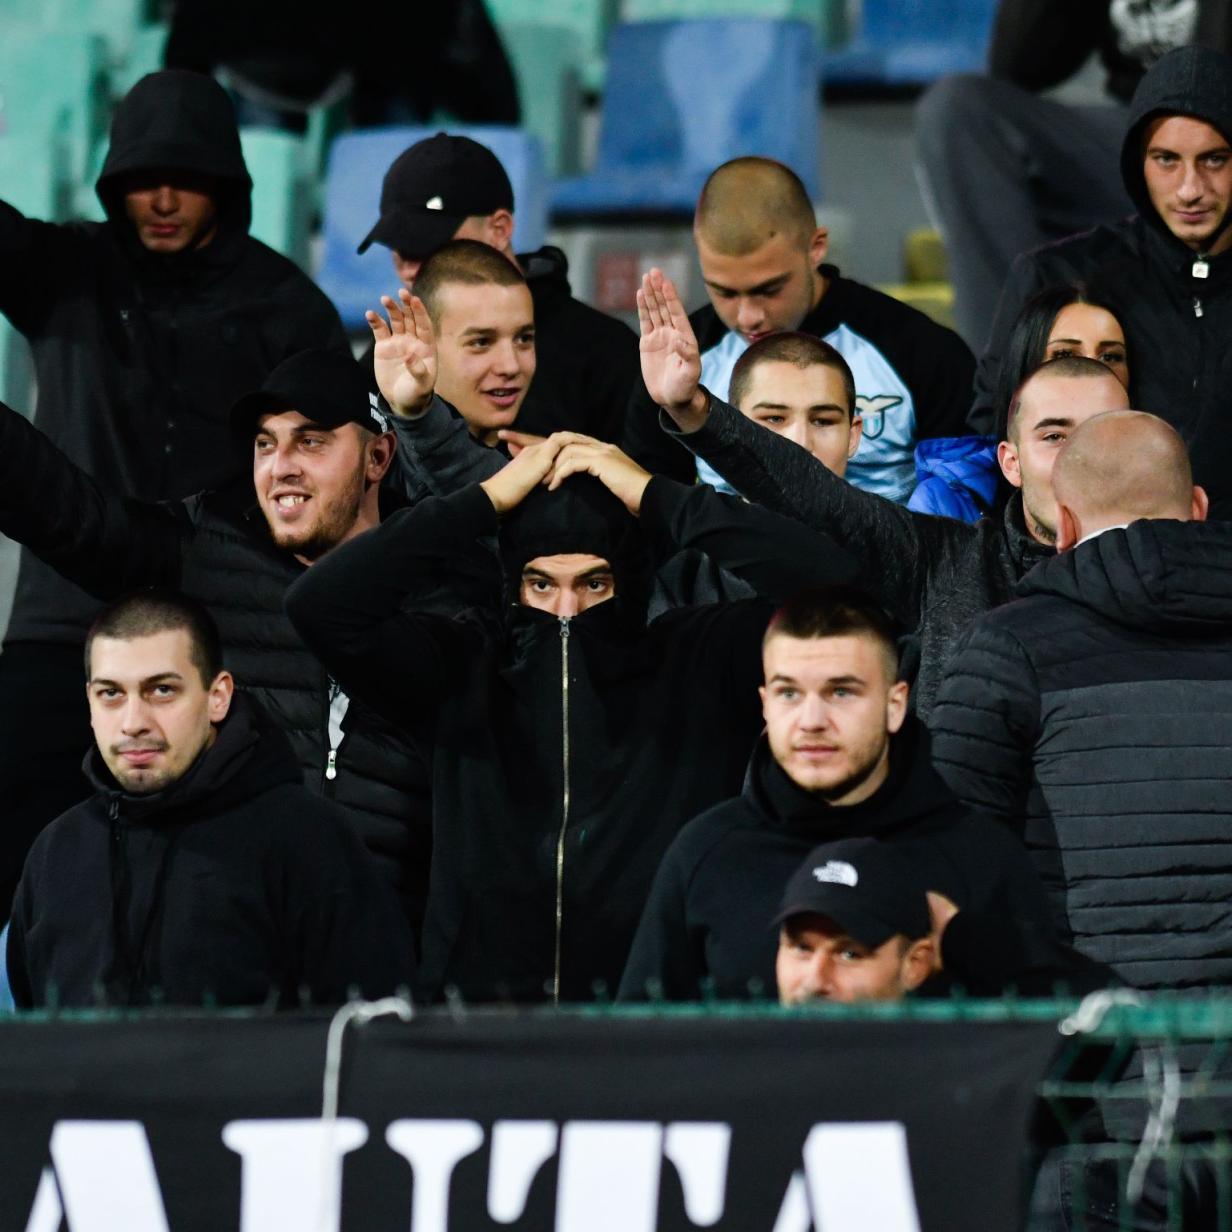 Nach Rassismus-Eklat: Bulgarien ein Spiel vor leeren Tribünen